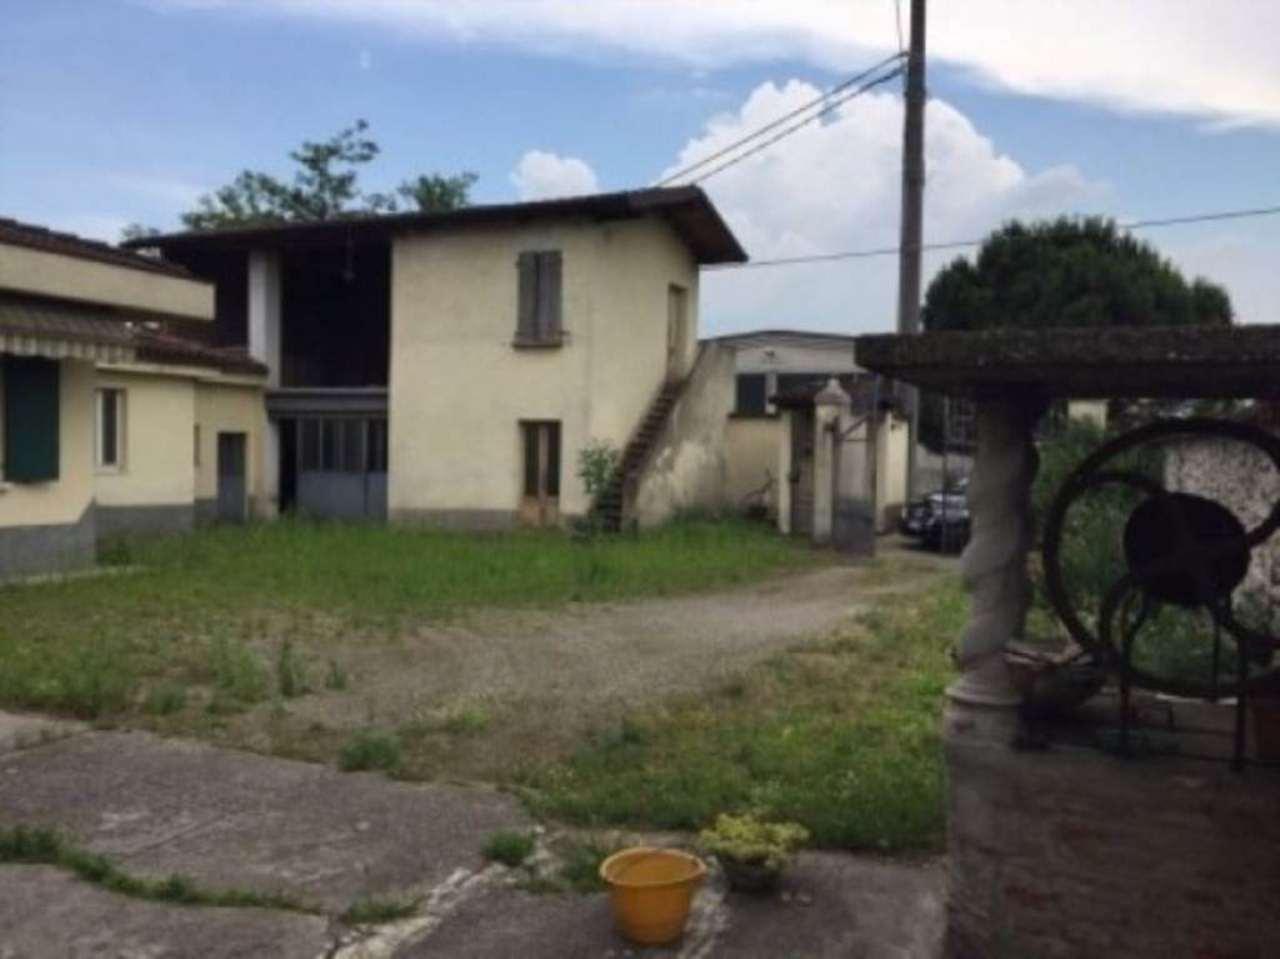 Rustico / Casale in vendita a Castegnato, 4 locali, prezzo € 245.000 | Cambio Casa.it